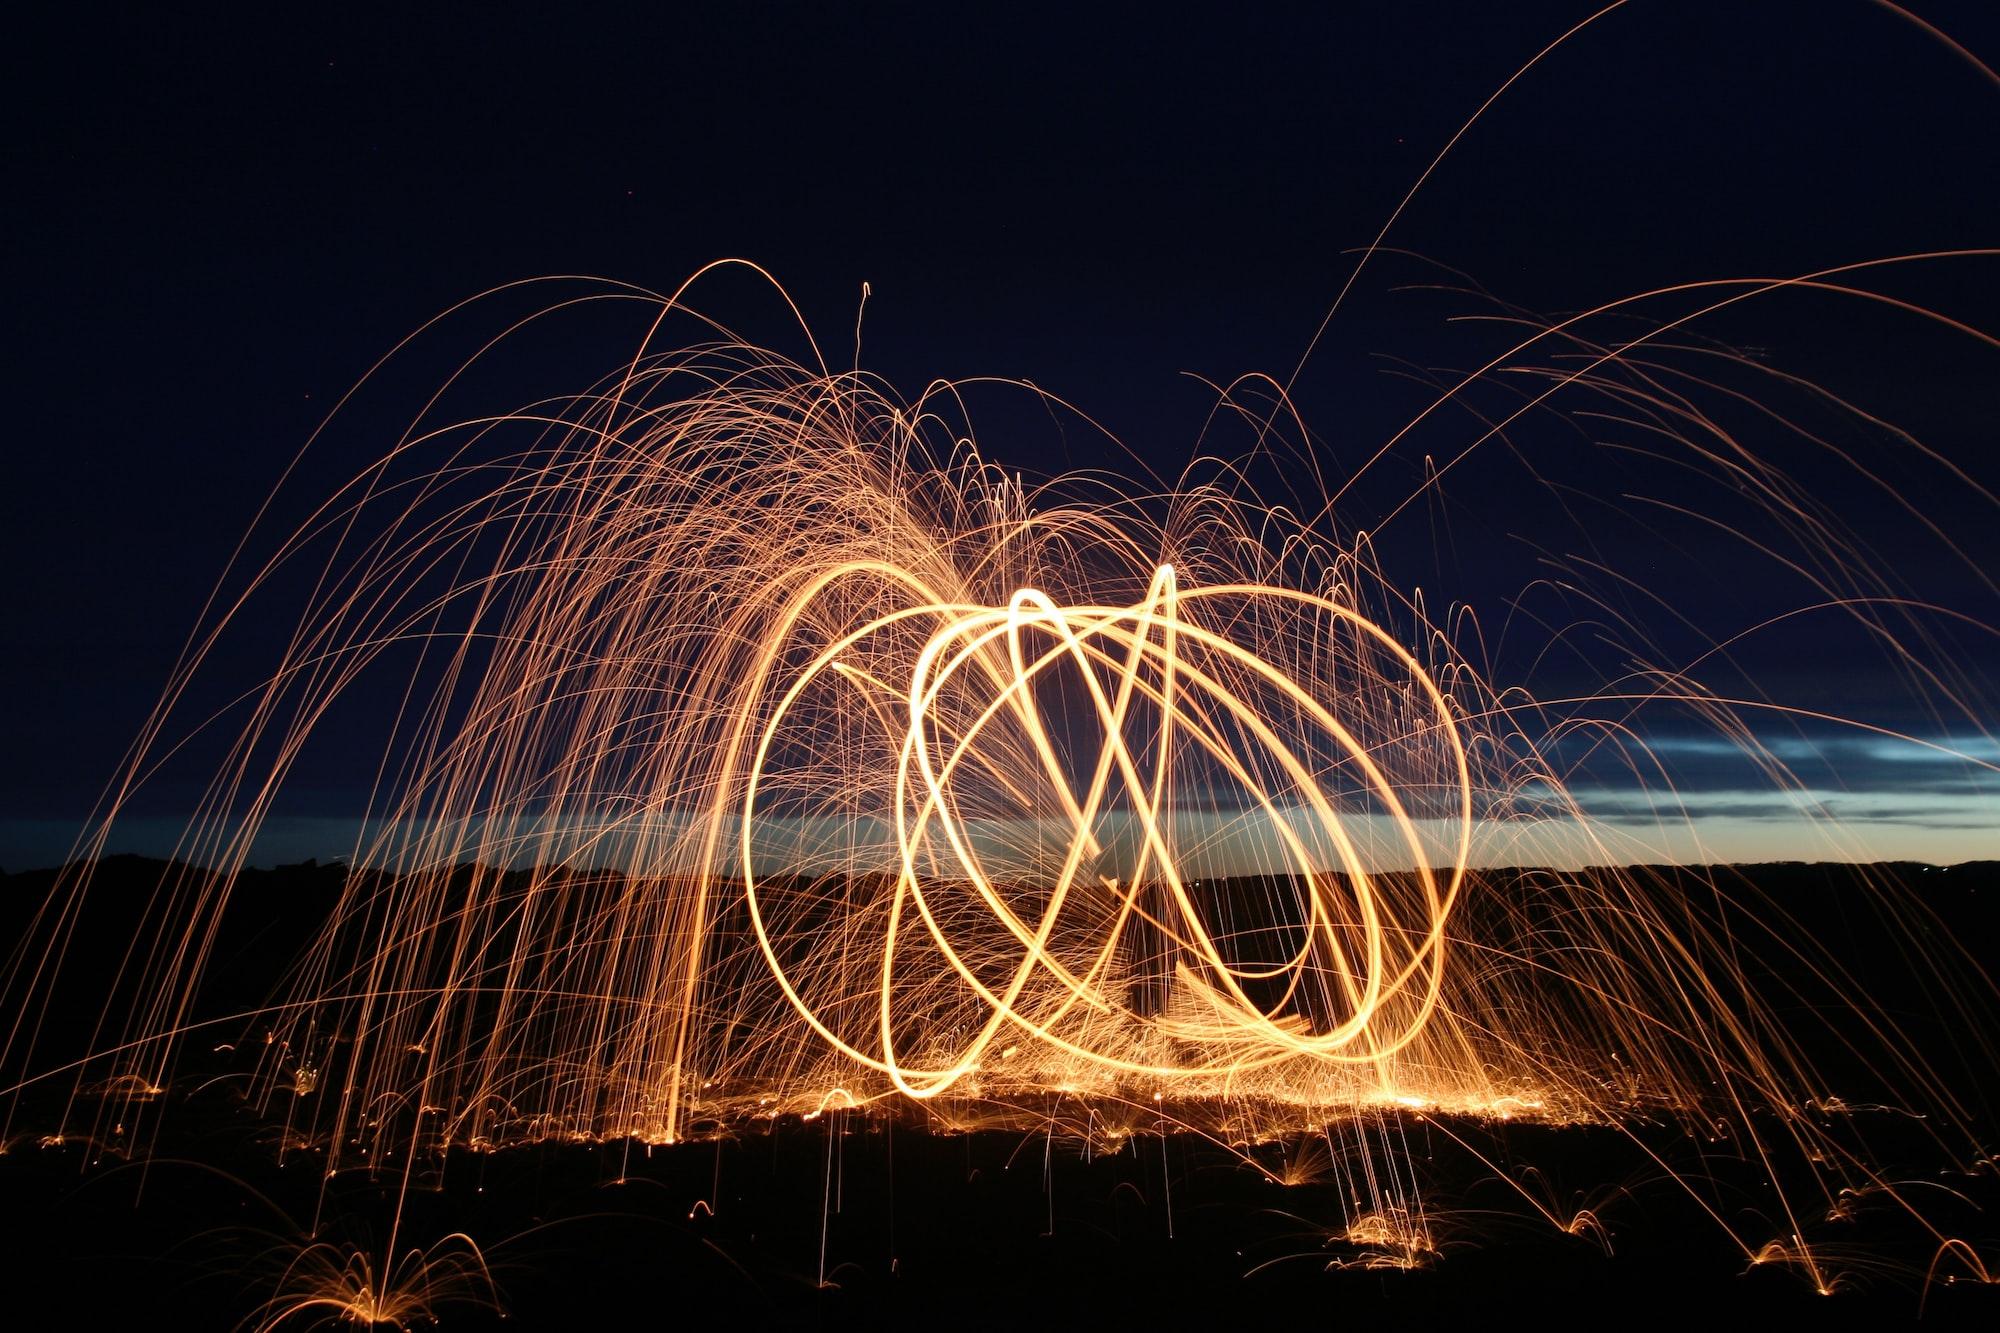 Фотографии горящей стальной ваты